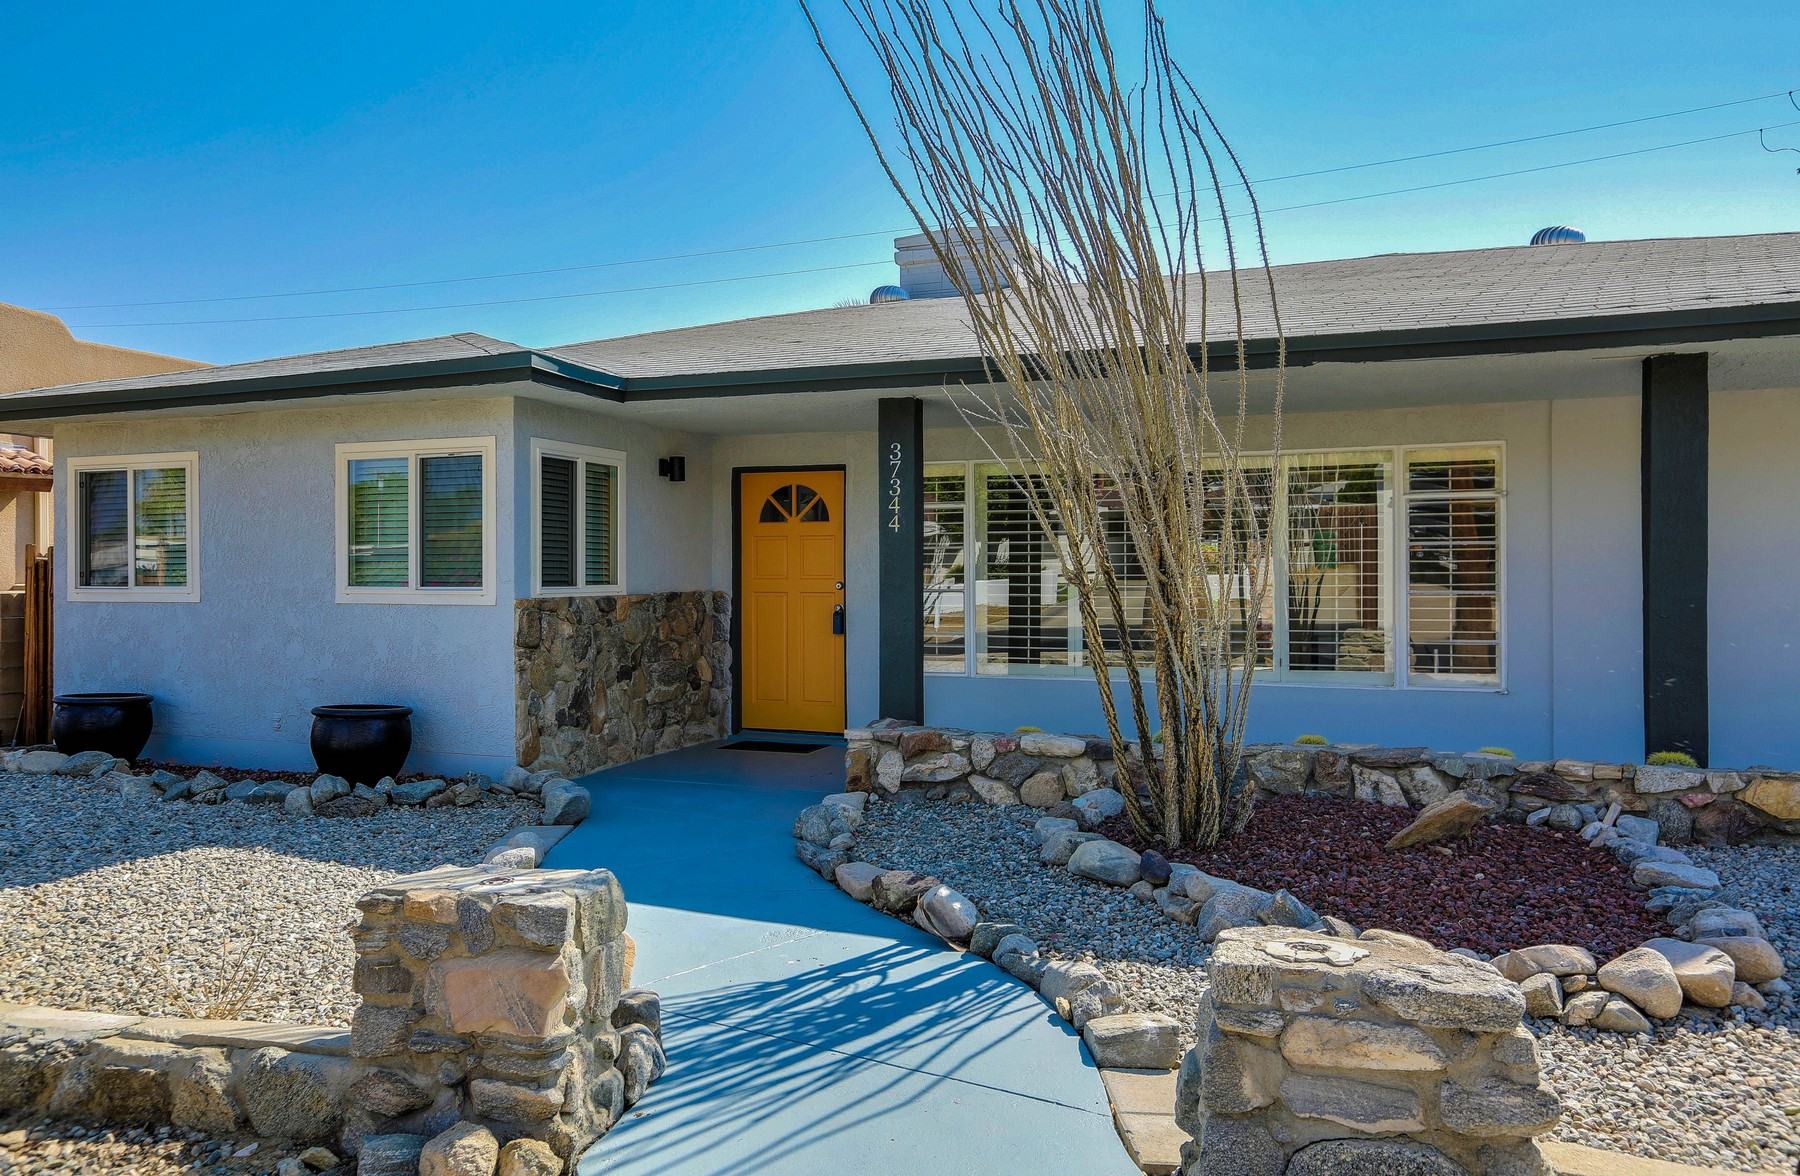 Частный односемейный дом для того Продажа на 37344 Palo Verde Drive Cathedral City, Калифорния, 92234 Соединенные Штаты